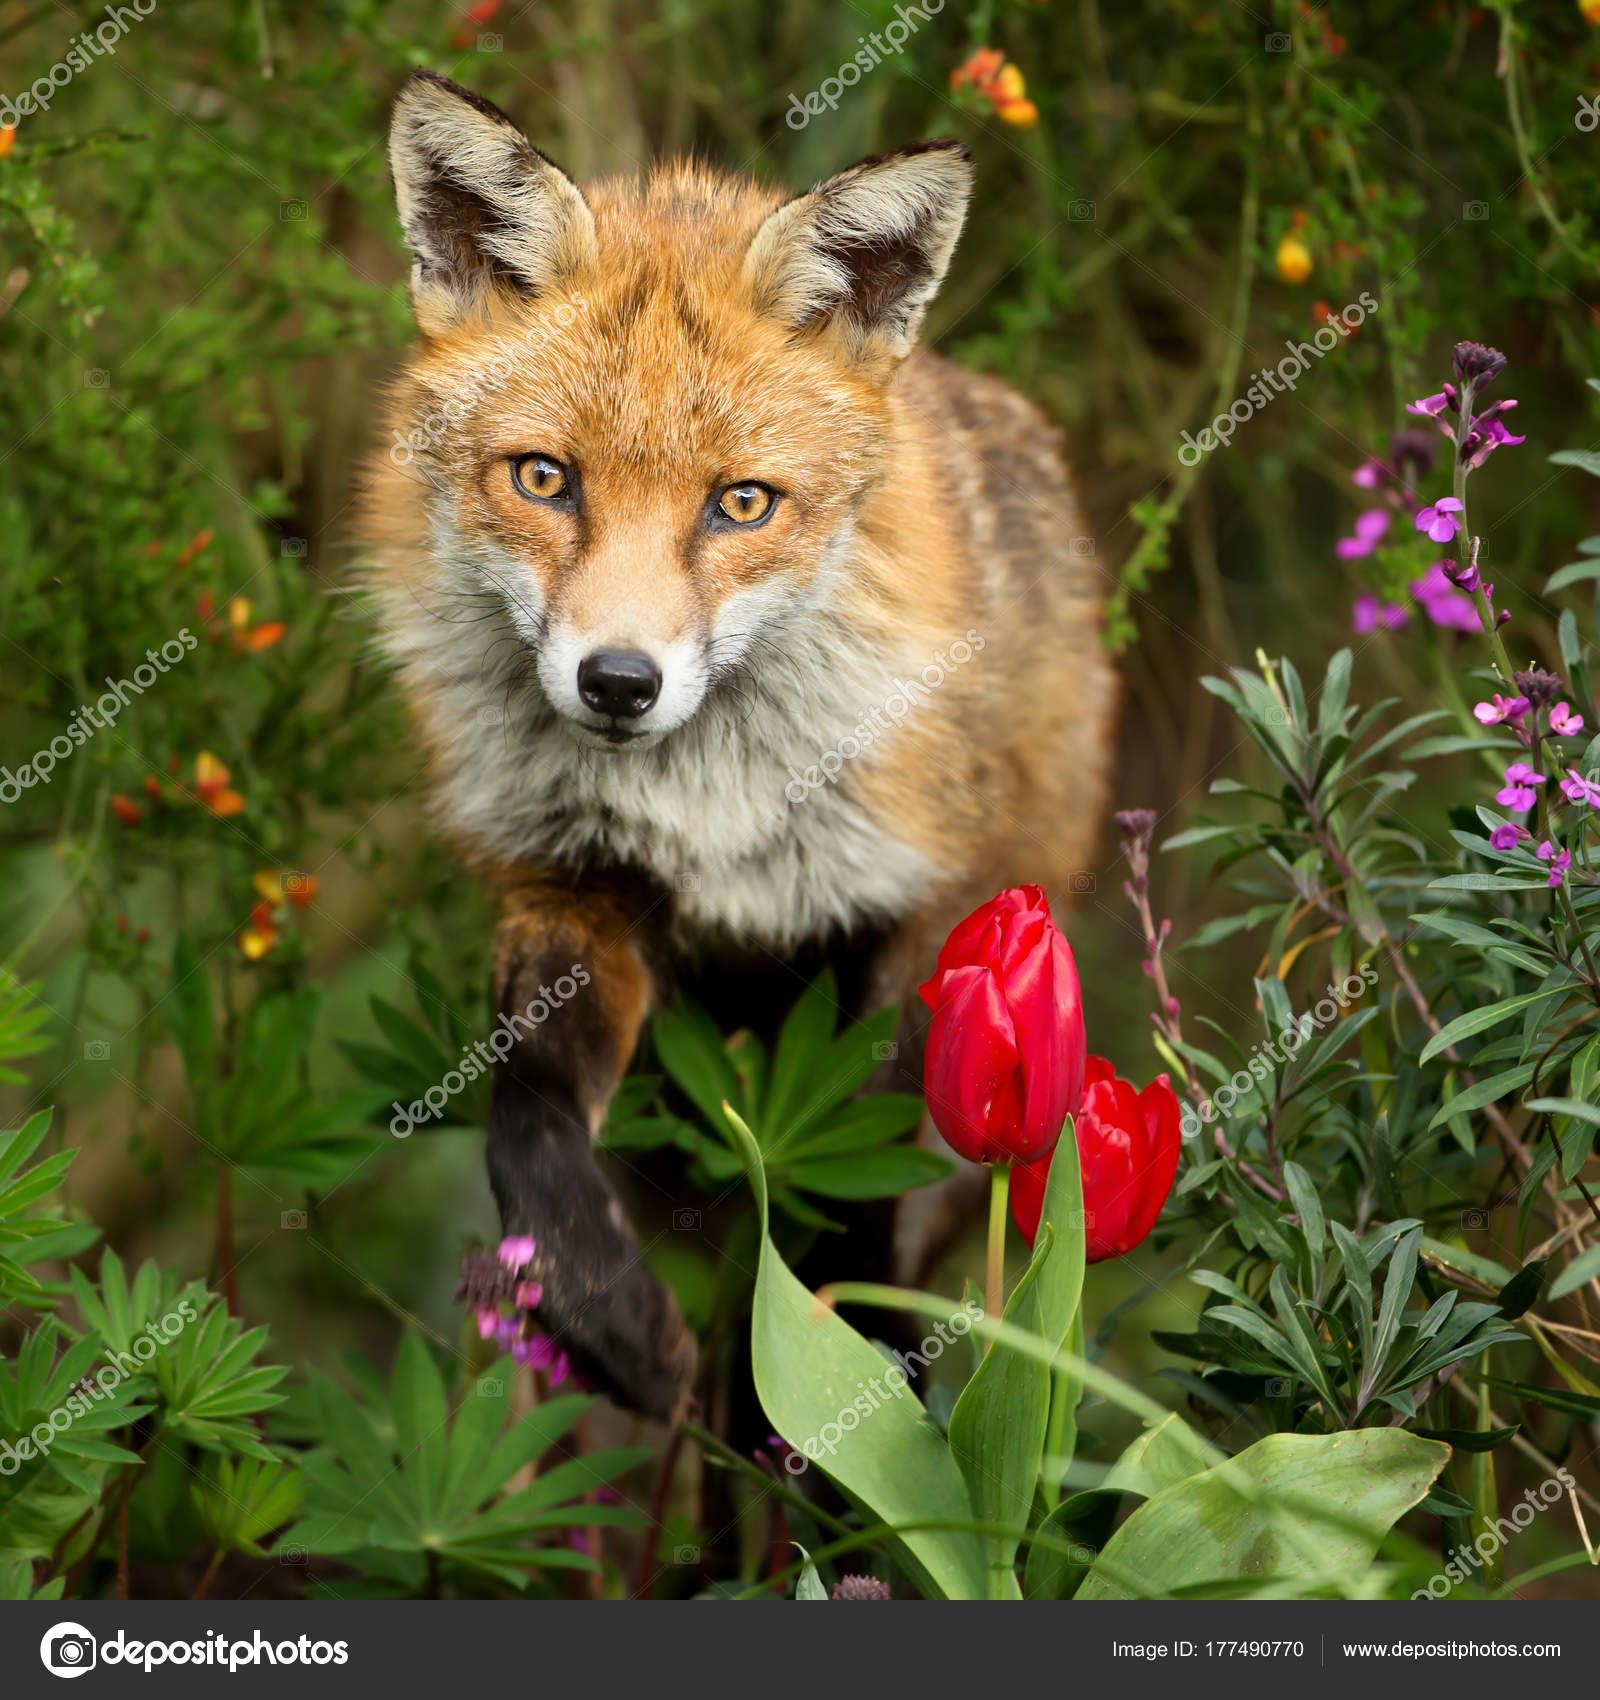 Portrait beautiful red fox standing garden spring flowers london portrait beautiful red fox standing garden spring flowers london stock photo mightylinksfo